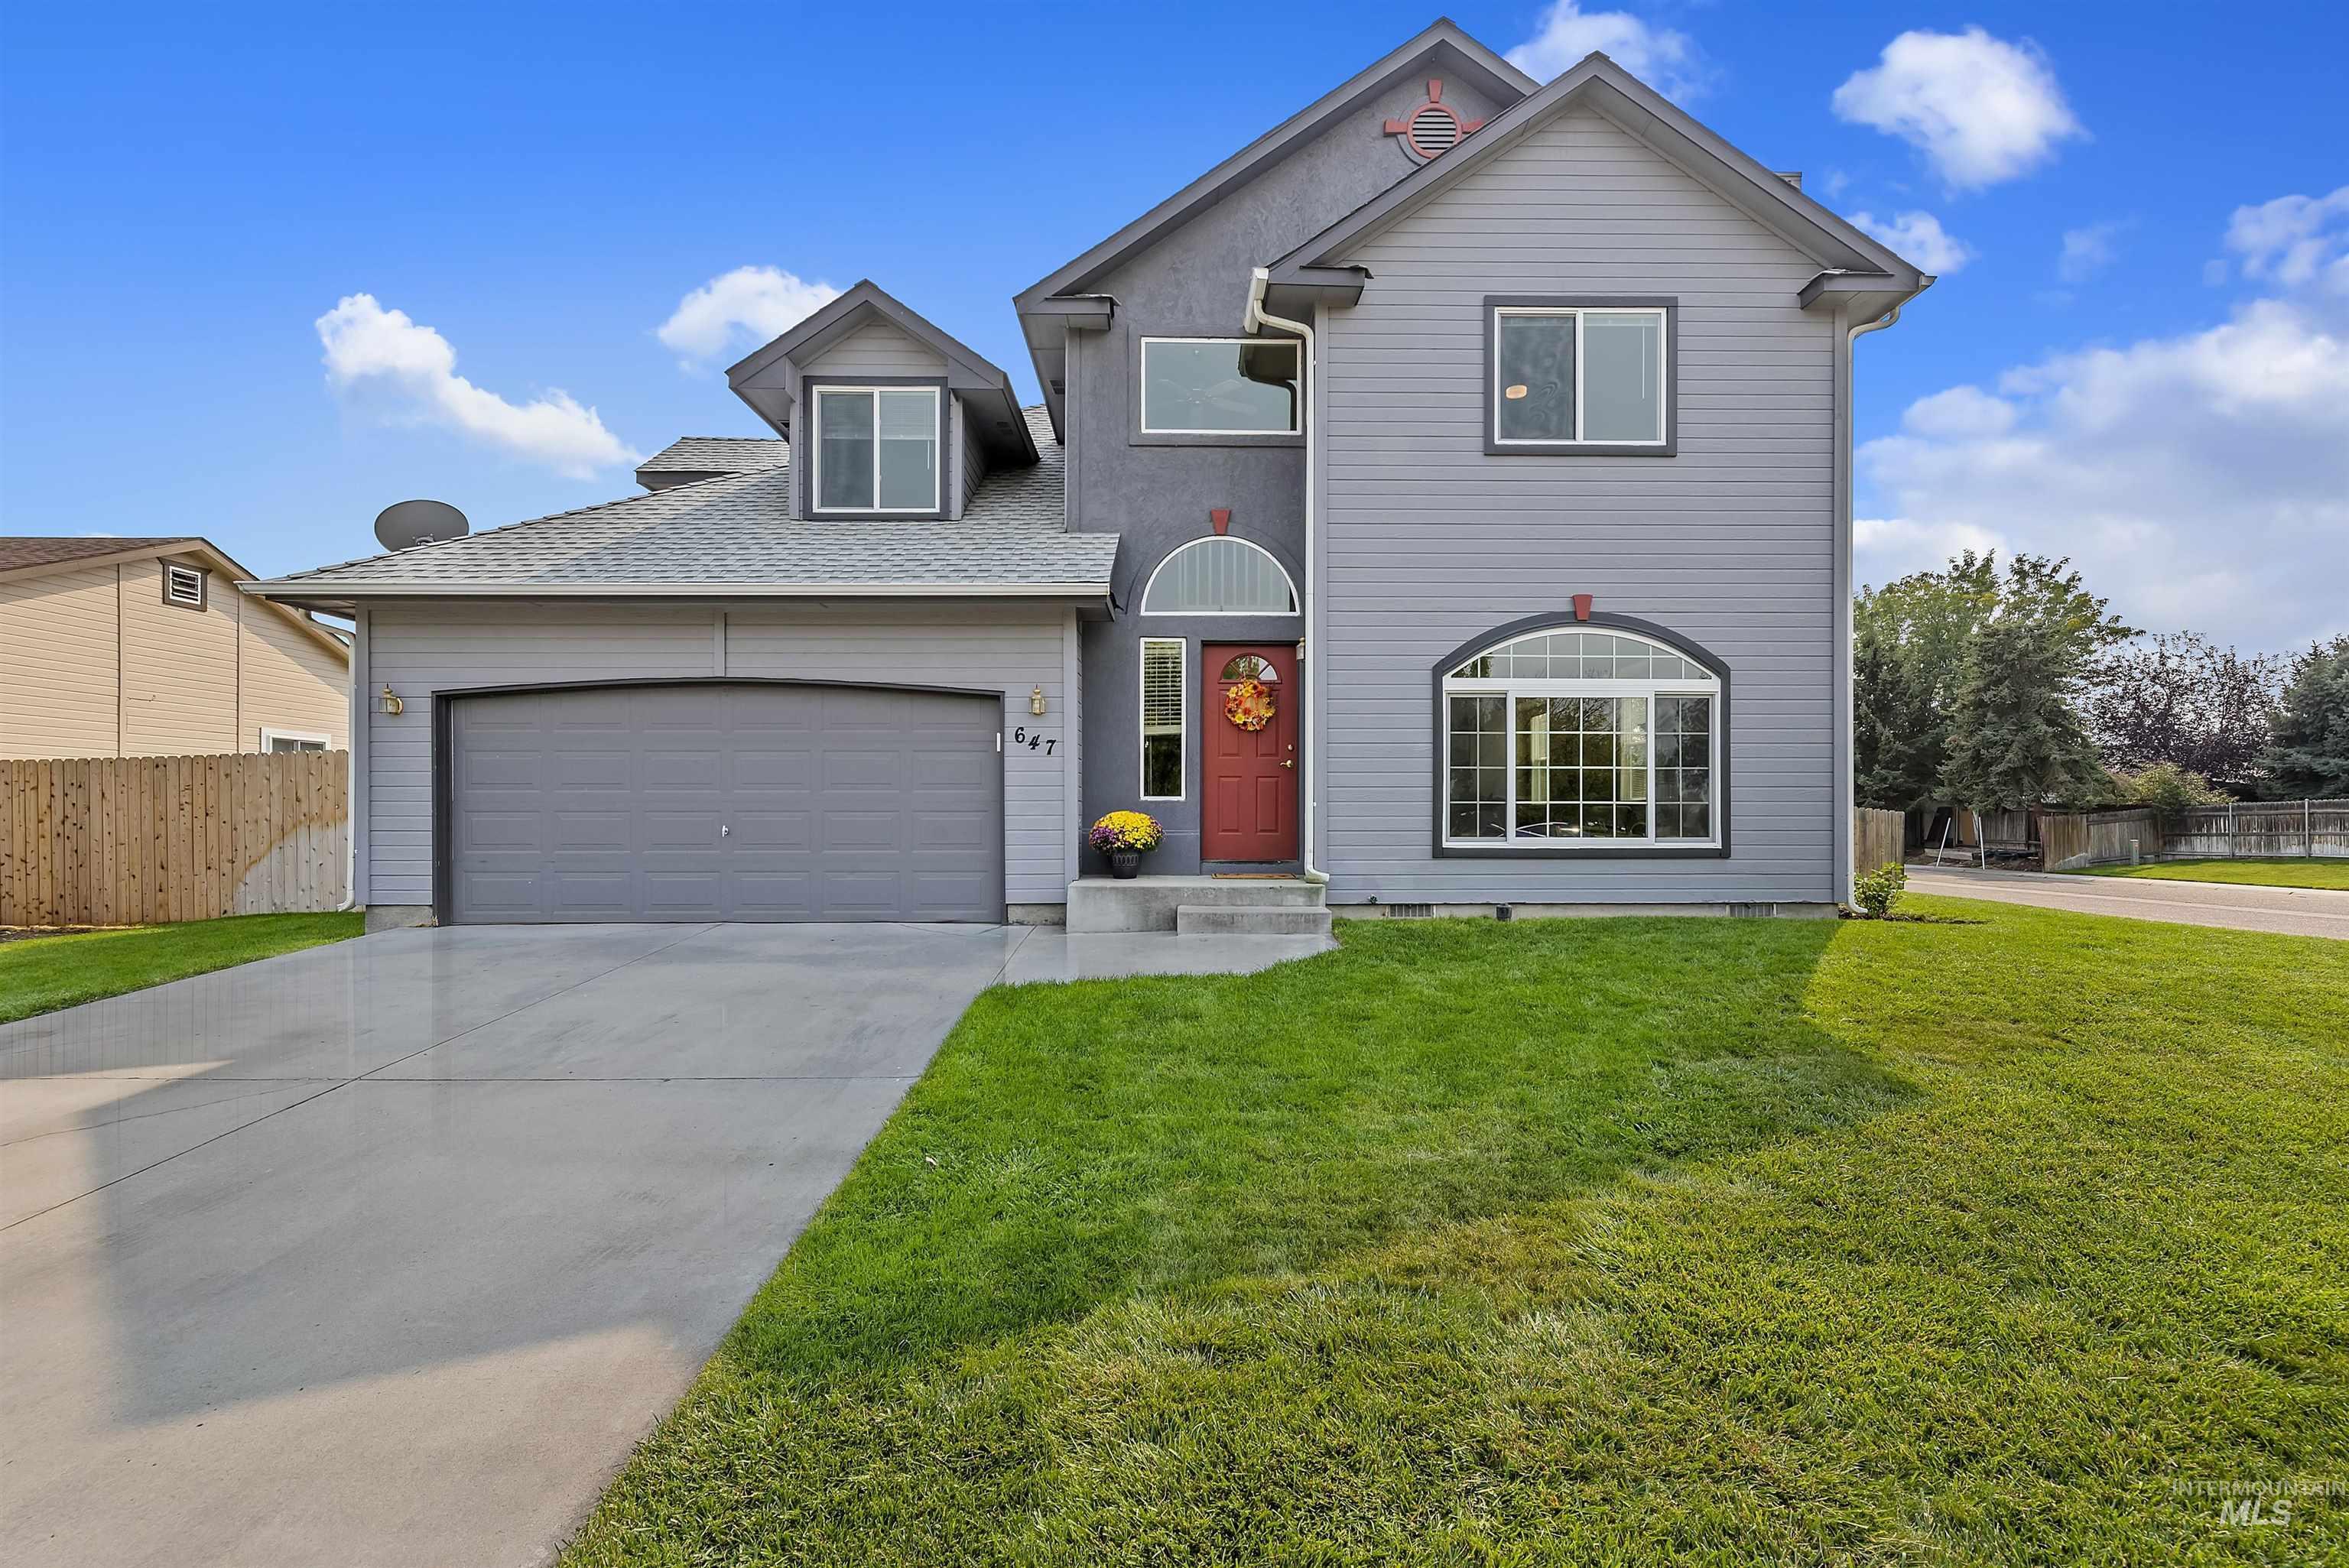 647 W Blaine Ave Property Photo 1